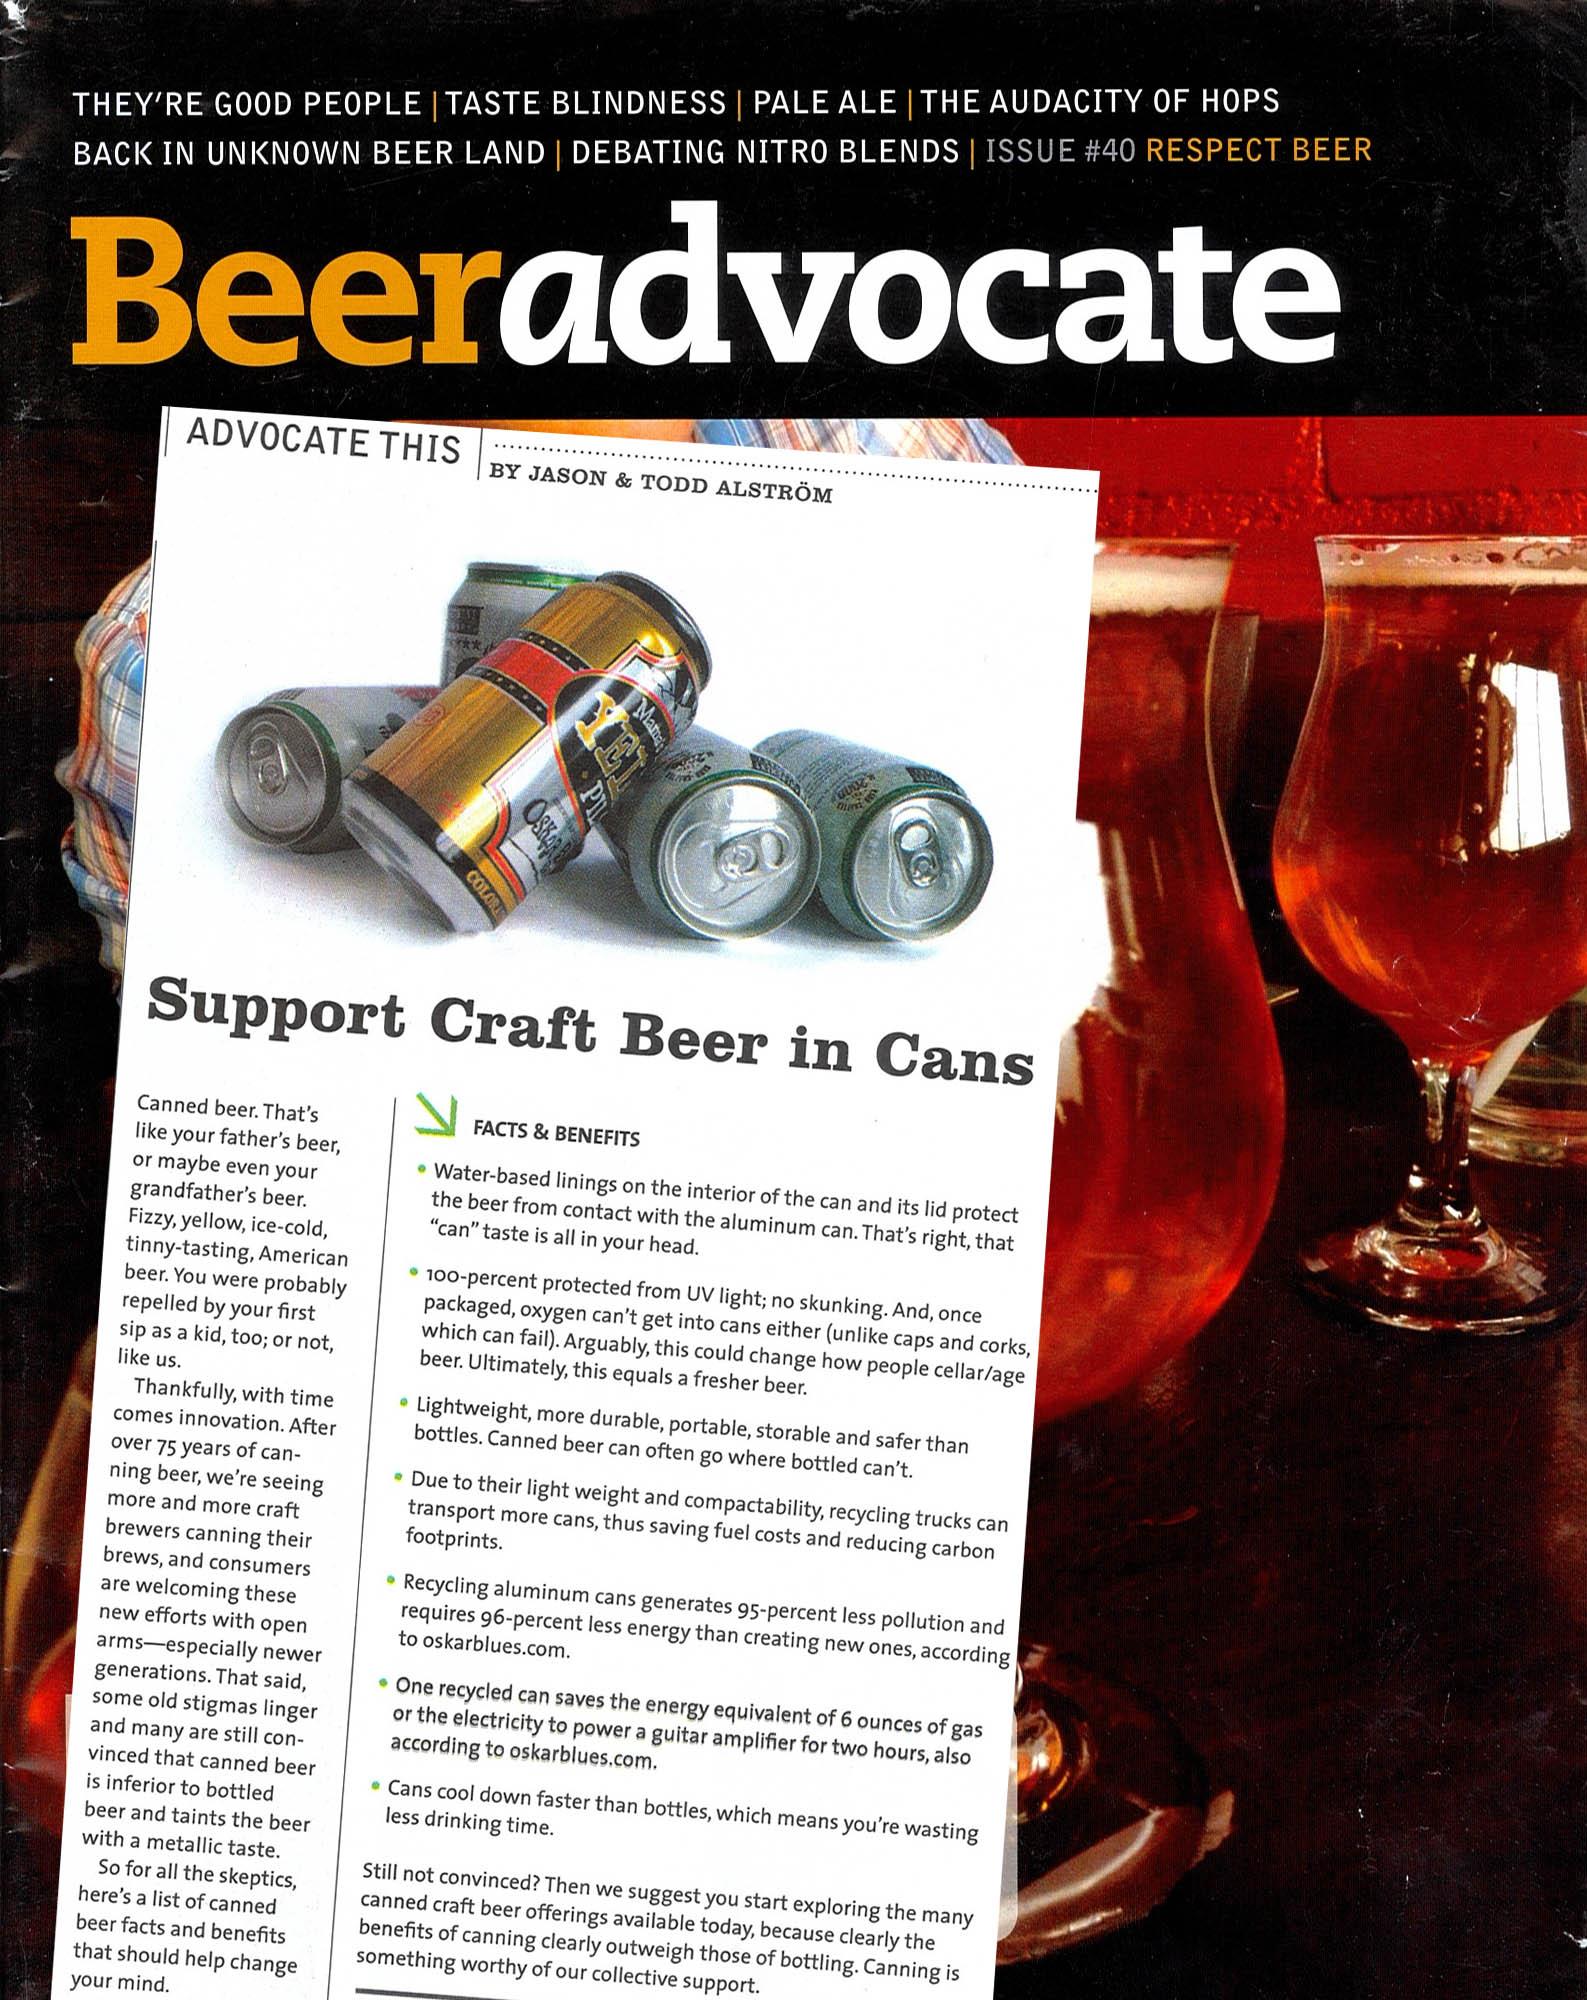 oskar_2010_5_BeerAdvocate_Shake(2).jpg